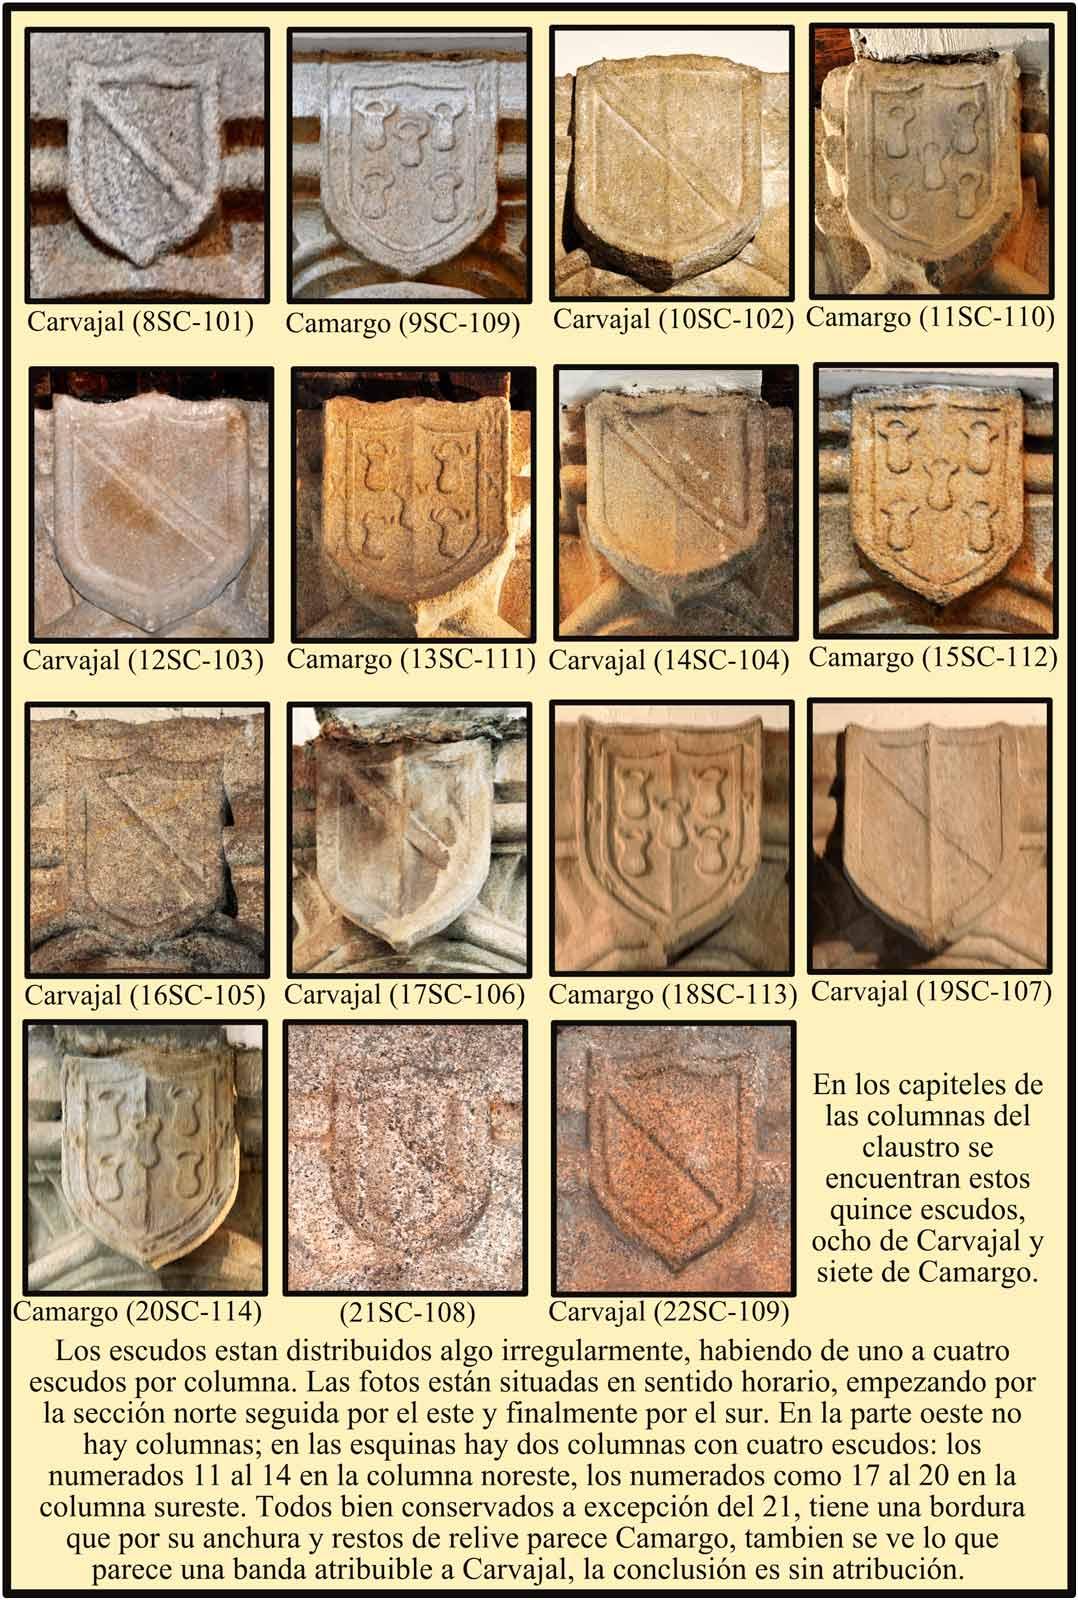 Claustro de las Claras. Escudos en los capiteles de las columnas